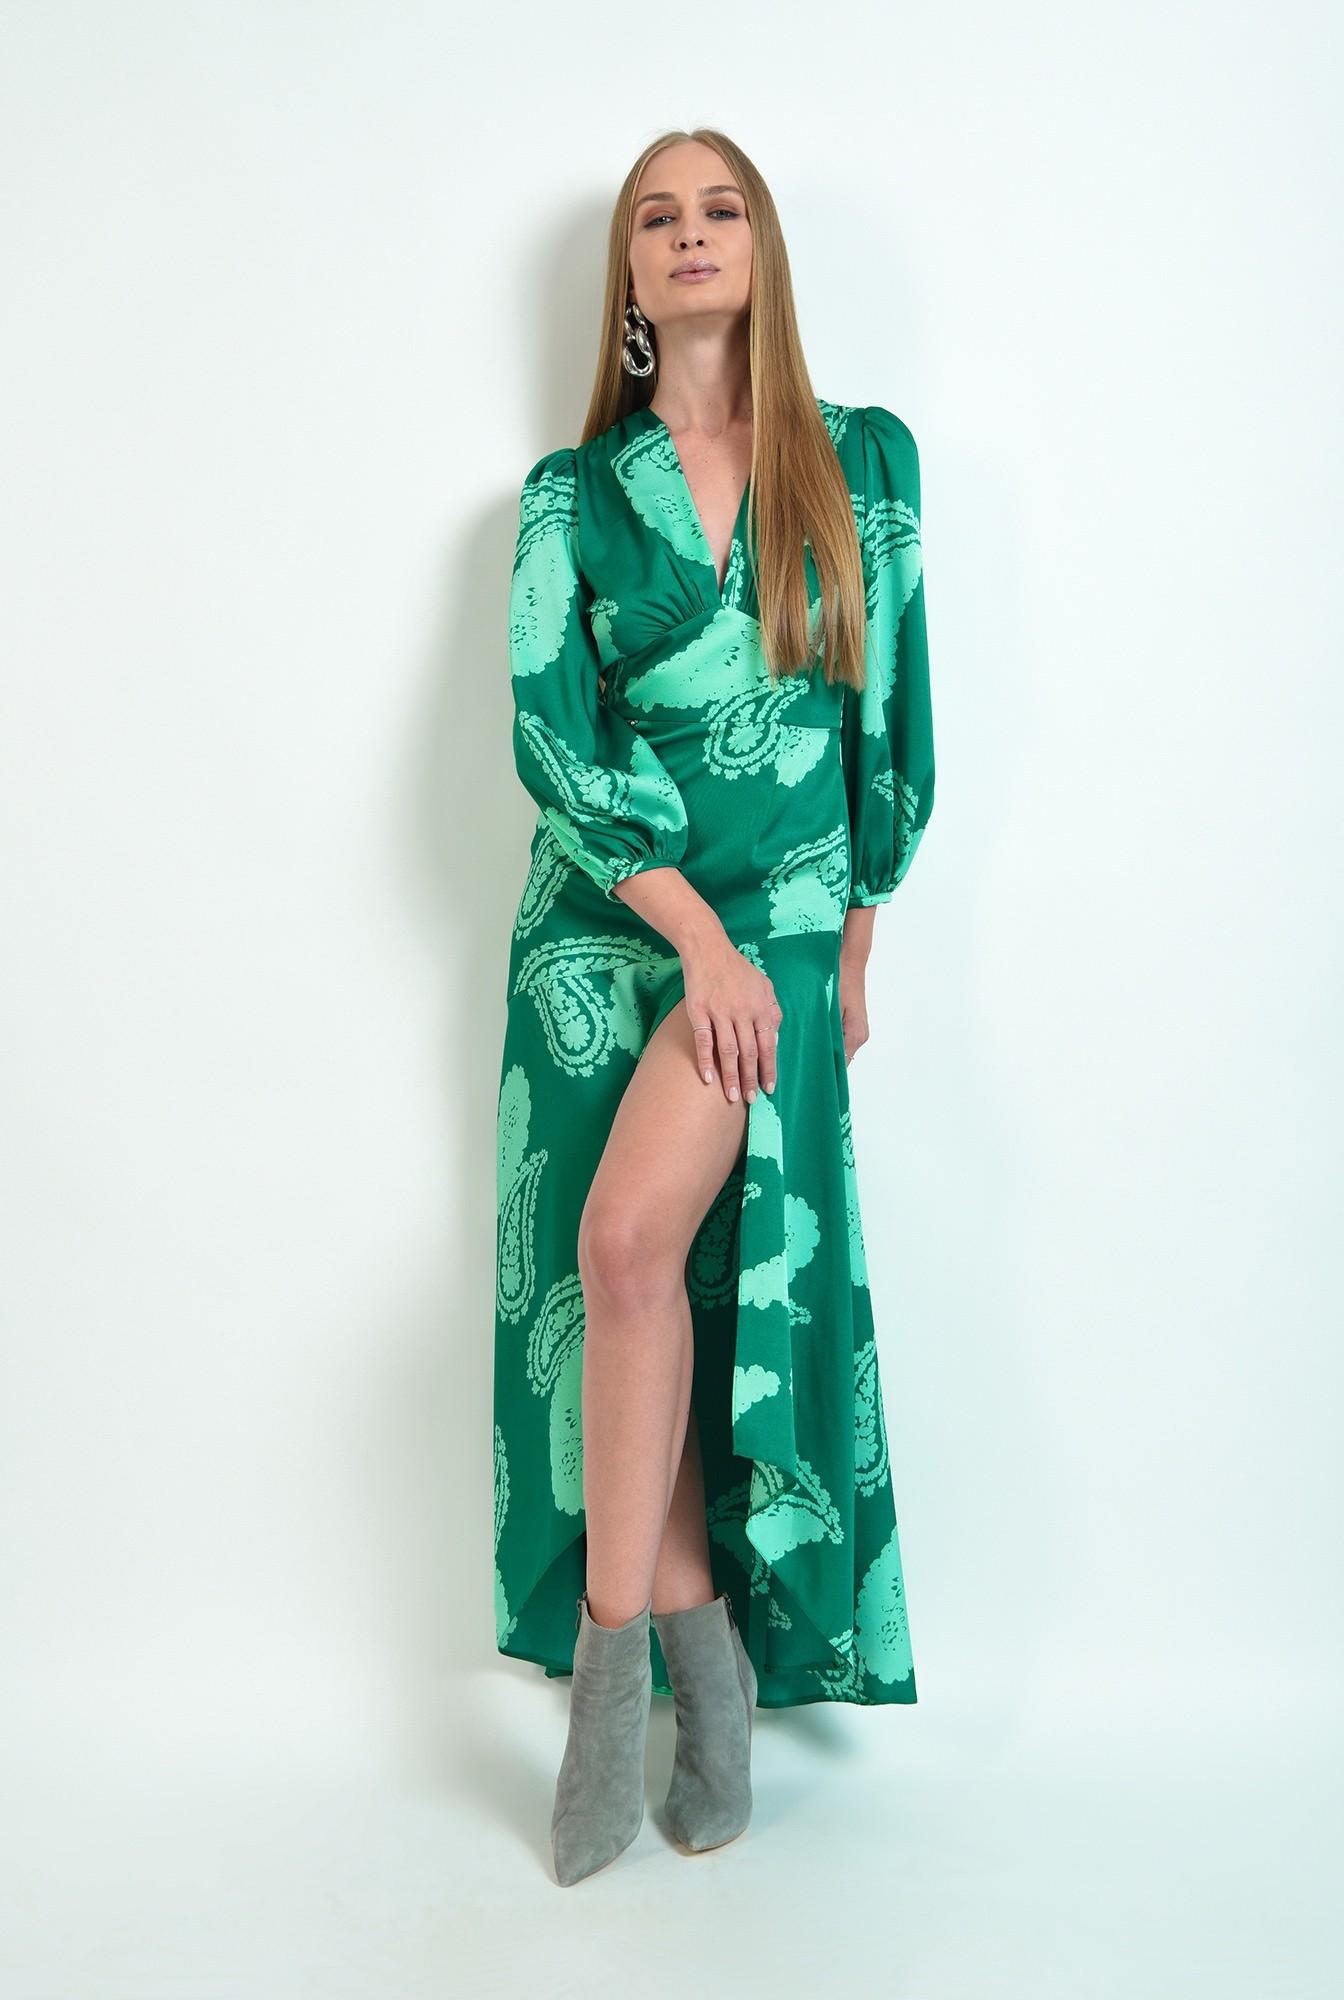 0 - rochie verde, eleganta, cu print